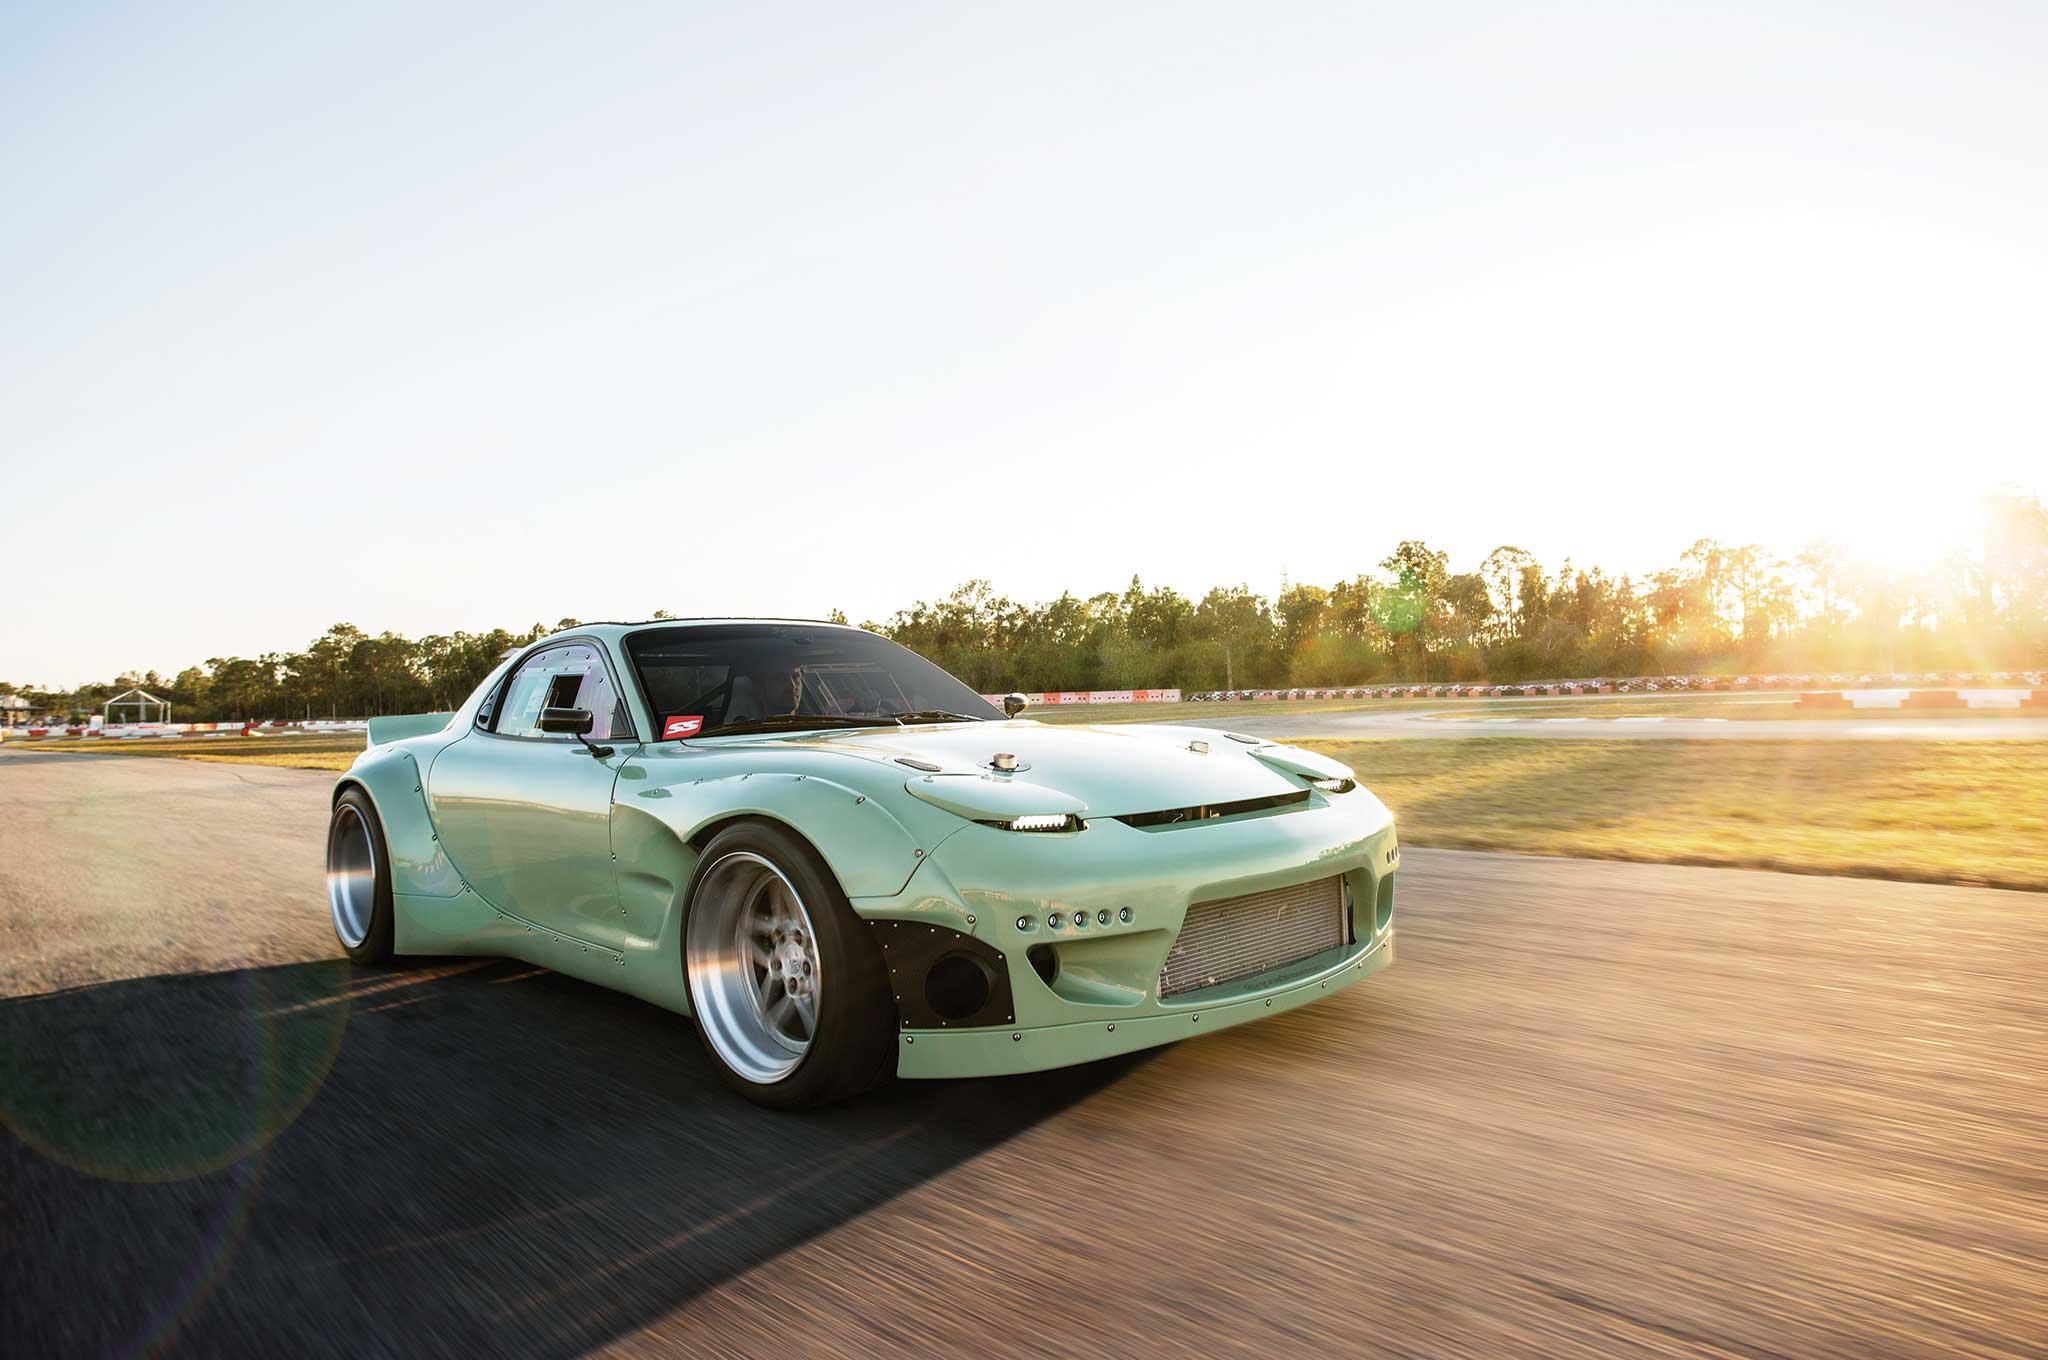 1993 Mazda RX-7 - PistachioFD on 93 mazda rotary engine motor, 93 mazda logo, 93 mazda mpv, 93 mazda mx 5, 93 mazda protege, 93 mazda mx6, 93 mazda prelude, 93 mazda miata, 93 mazda 240sx, 93 mazda mx3, 93 mazda cosmo, 93 mazda truck,